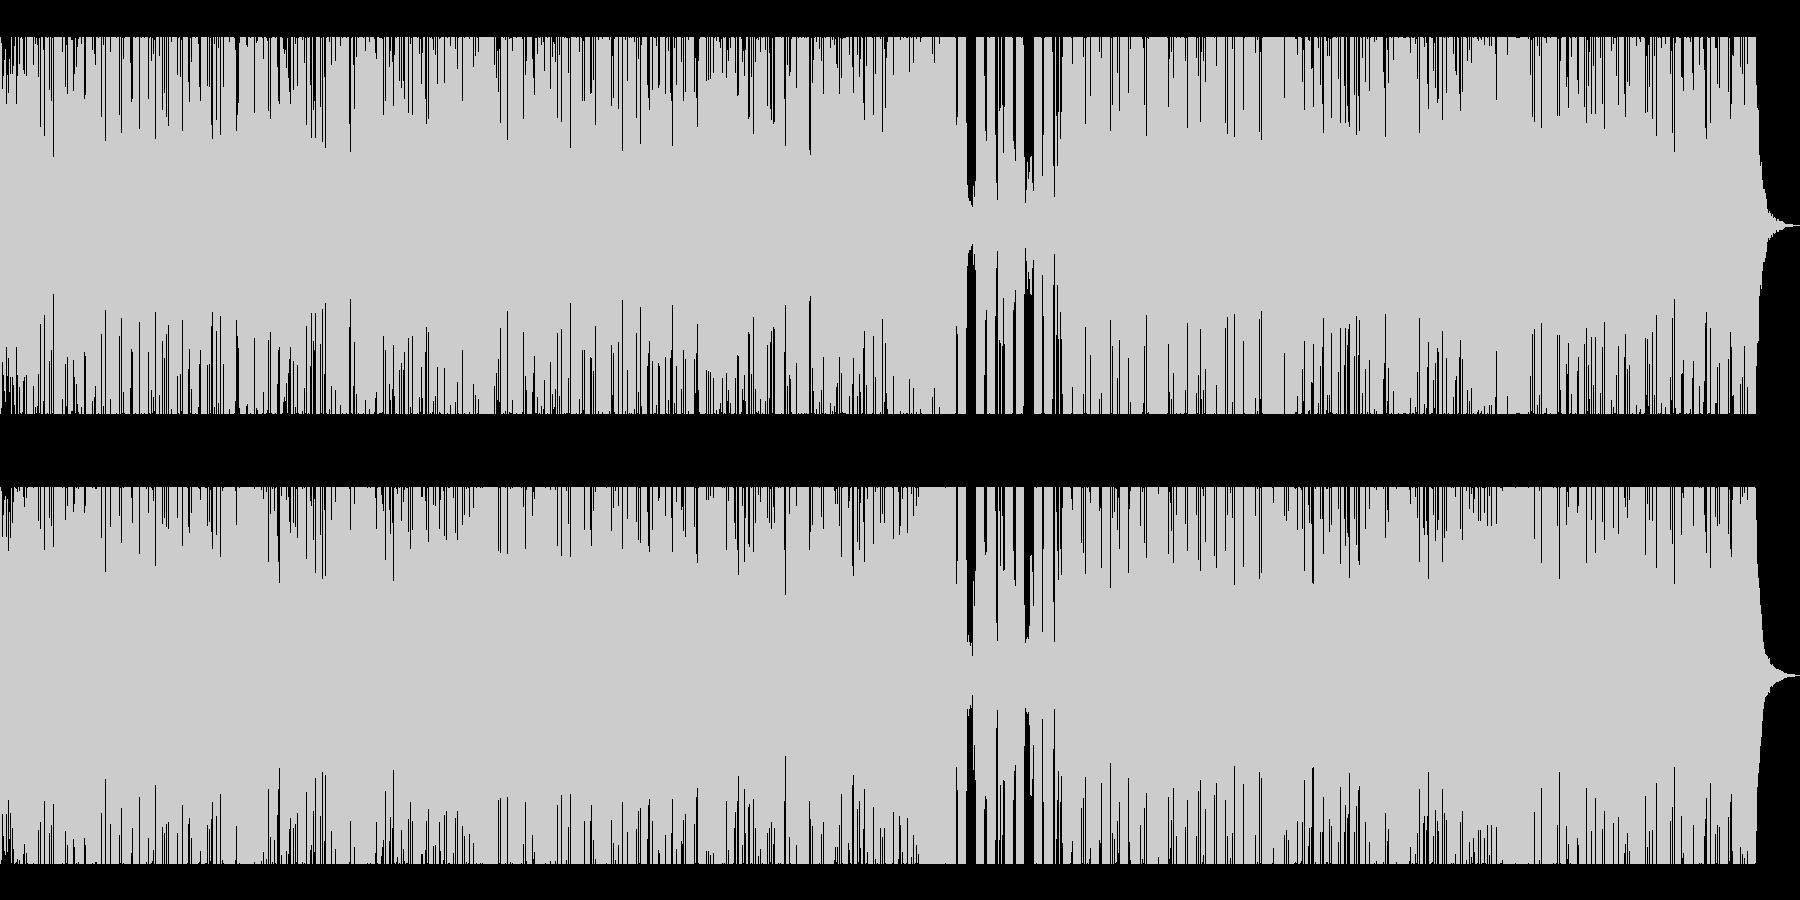 格闘技・Xスポーツ入場シーン向けRockの未再生の波形